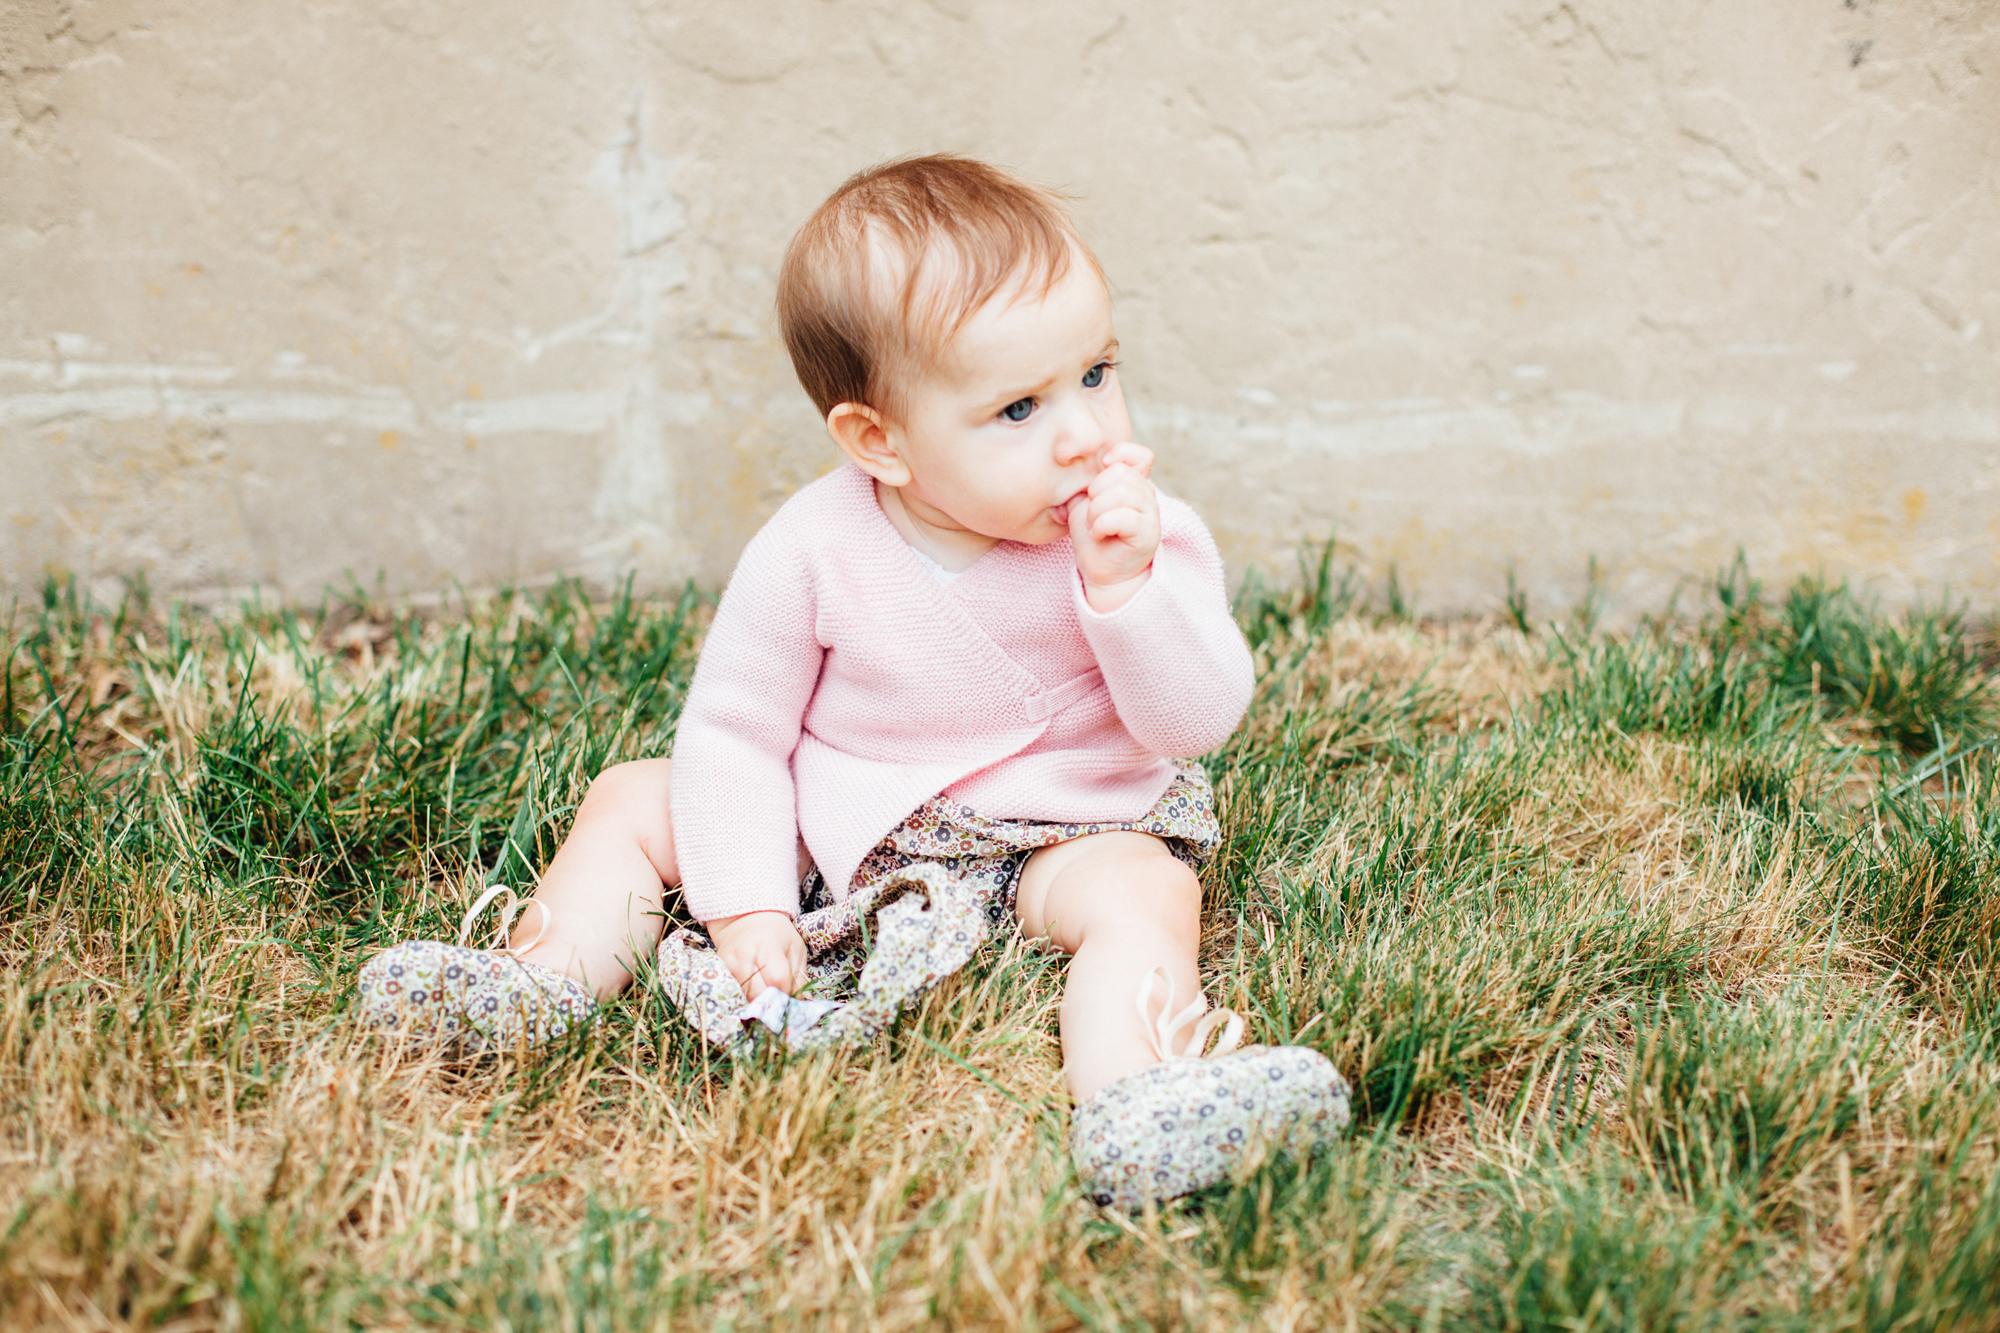 La Petite Peach_First Mate Photo_Wren 4